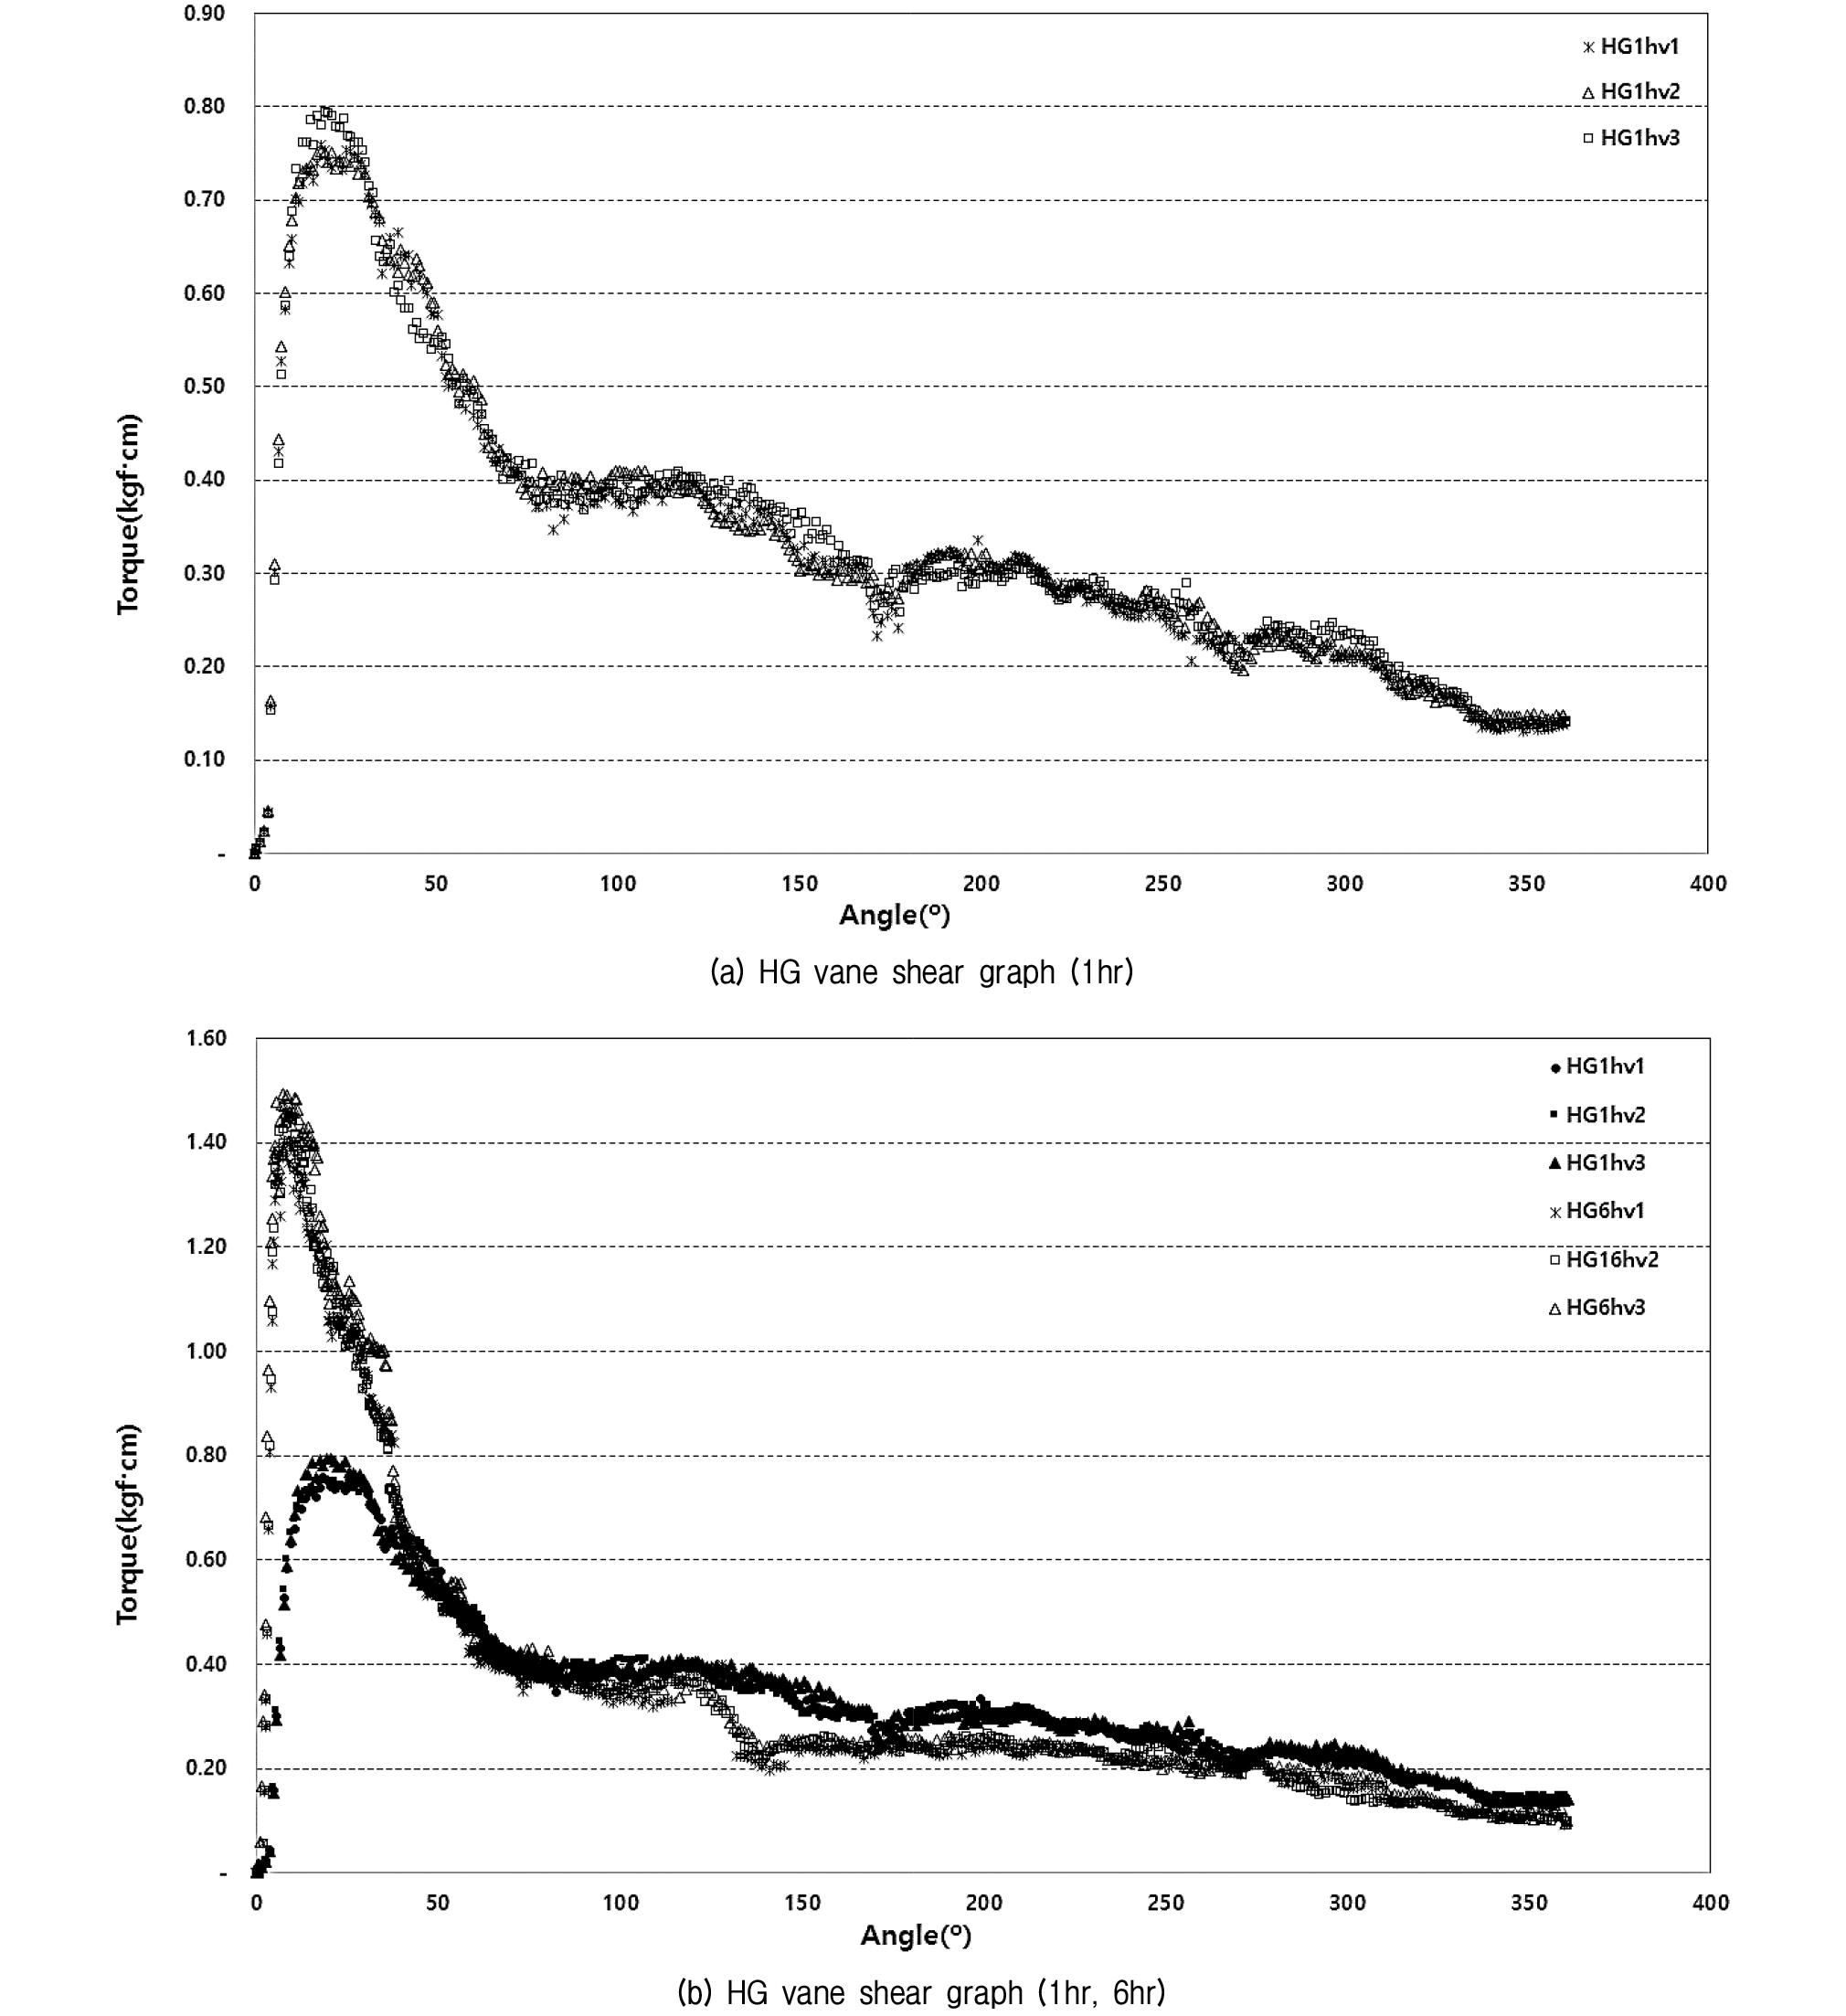 http://static.apub.kr/journalsite/sites/kgs/2020-036-09/N0990360903/images/kgs_36_09_03_F5.jpg